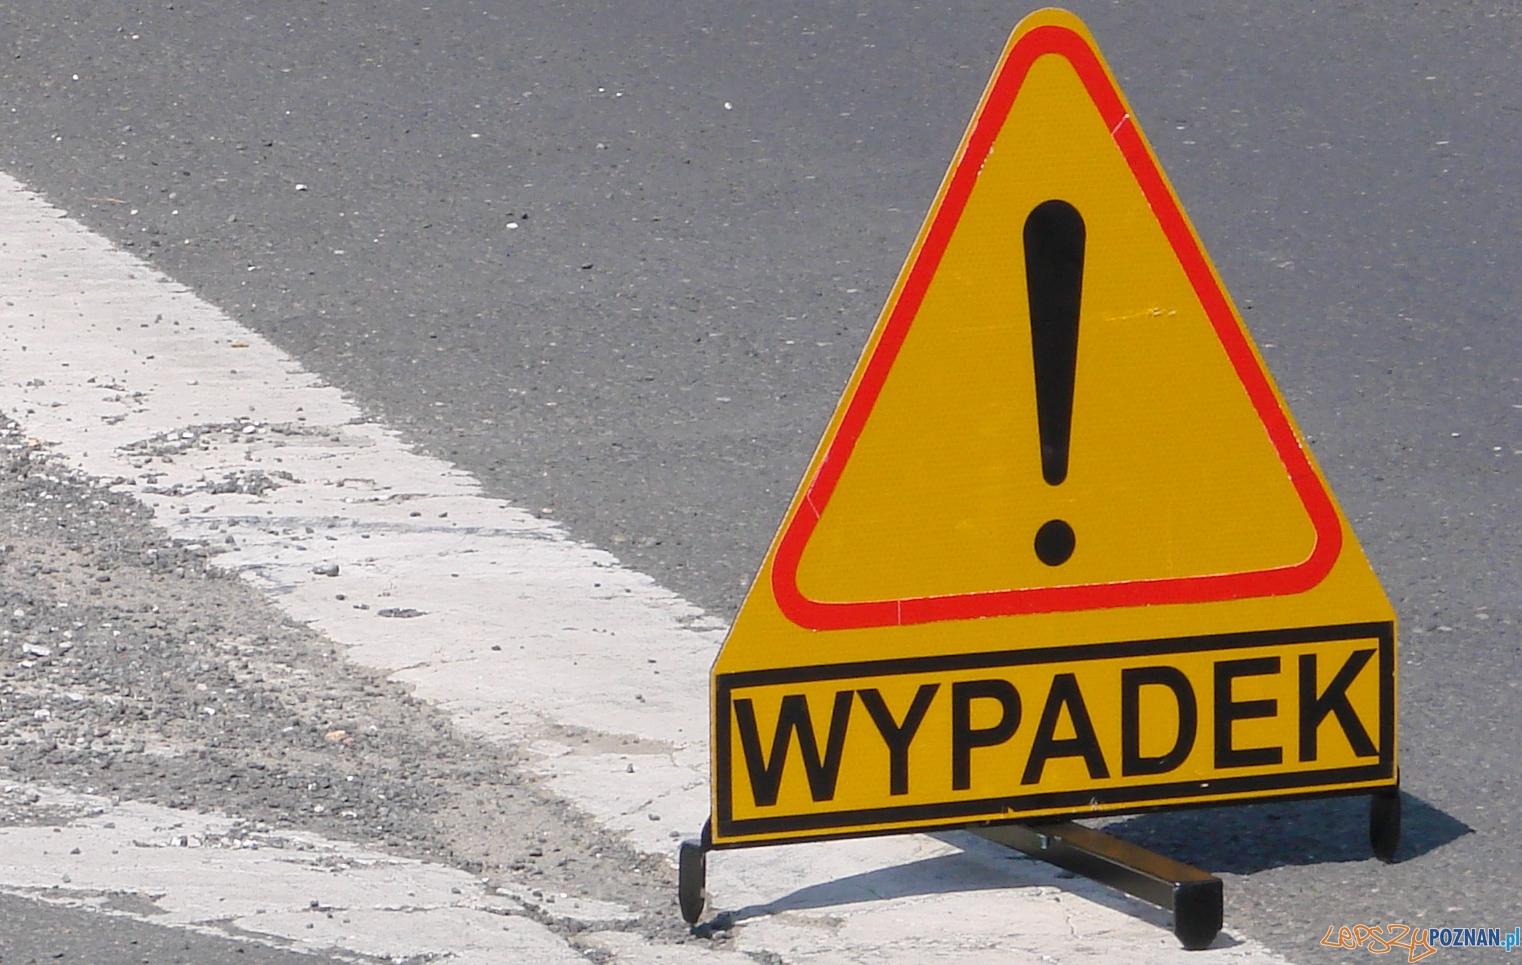 Wypadek!  Foto: lepszyPOZNAN.pl / ag